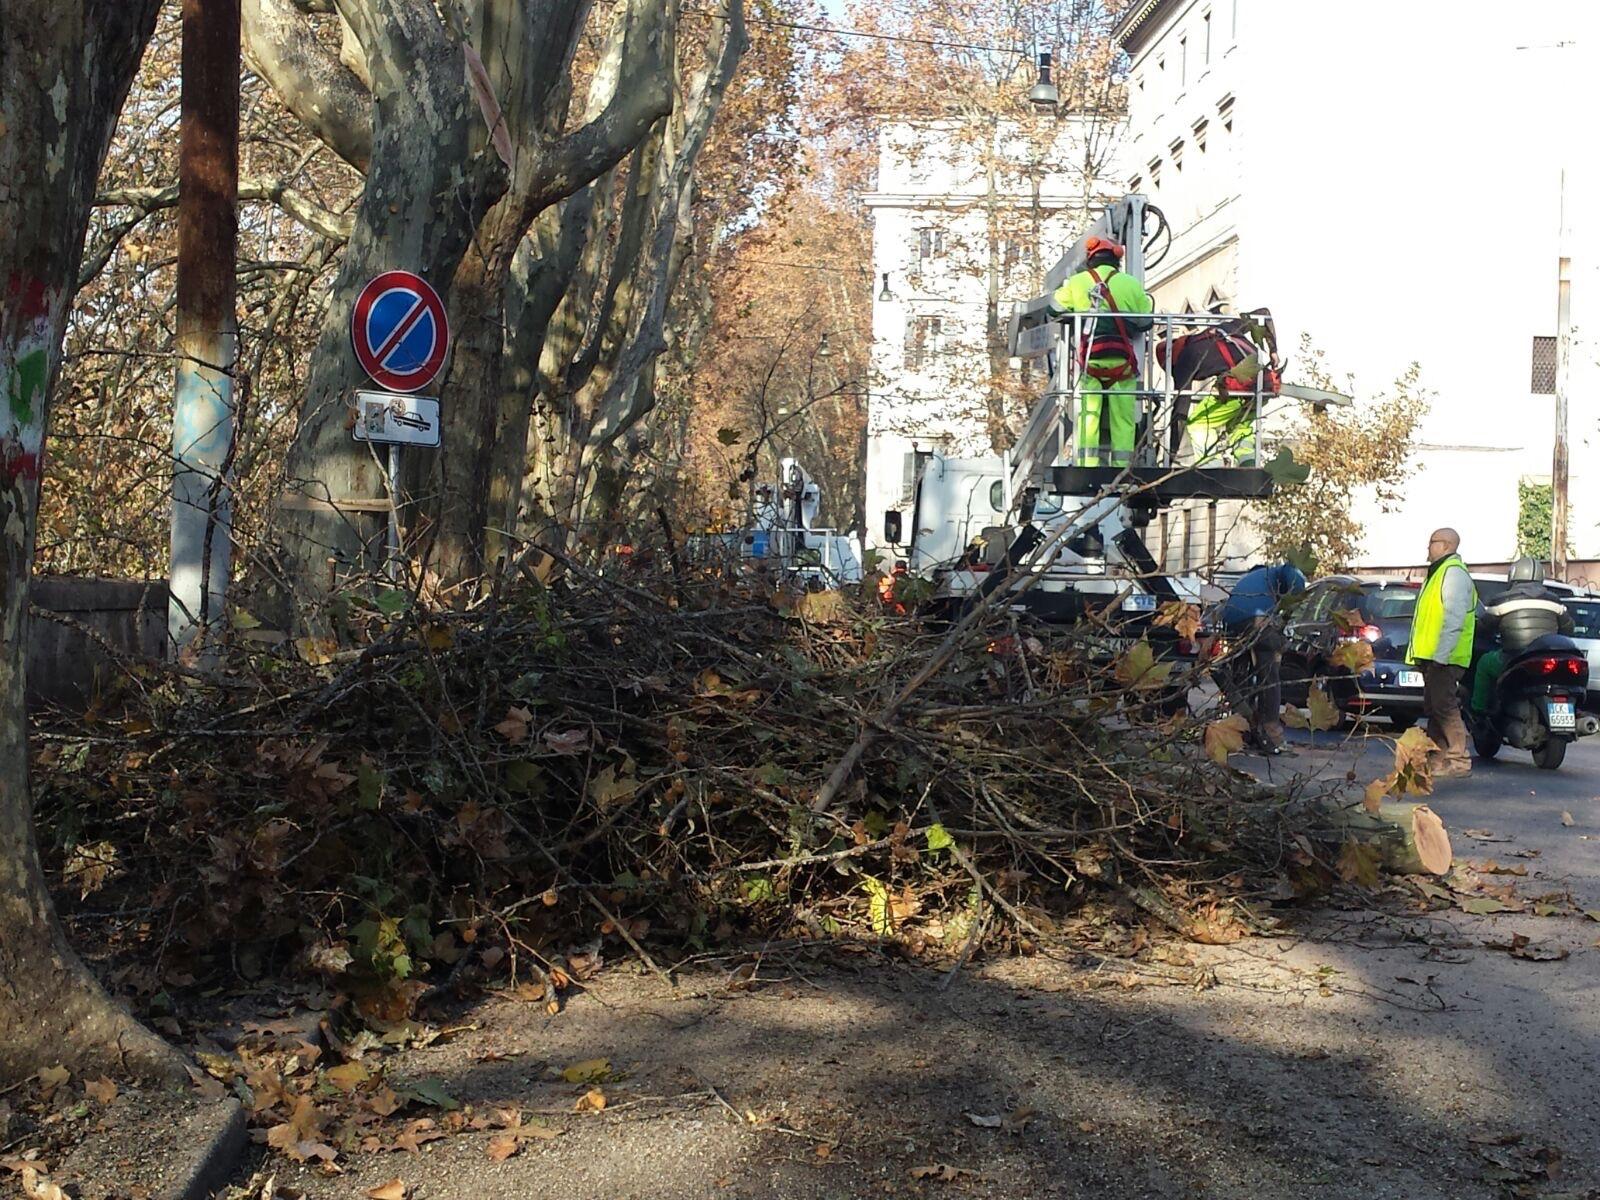 Roma pulita e sicura interventi di manutenzione - Interventi di manutenzione straordinaria ...